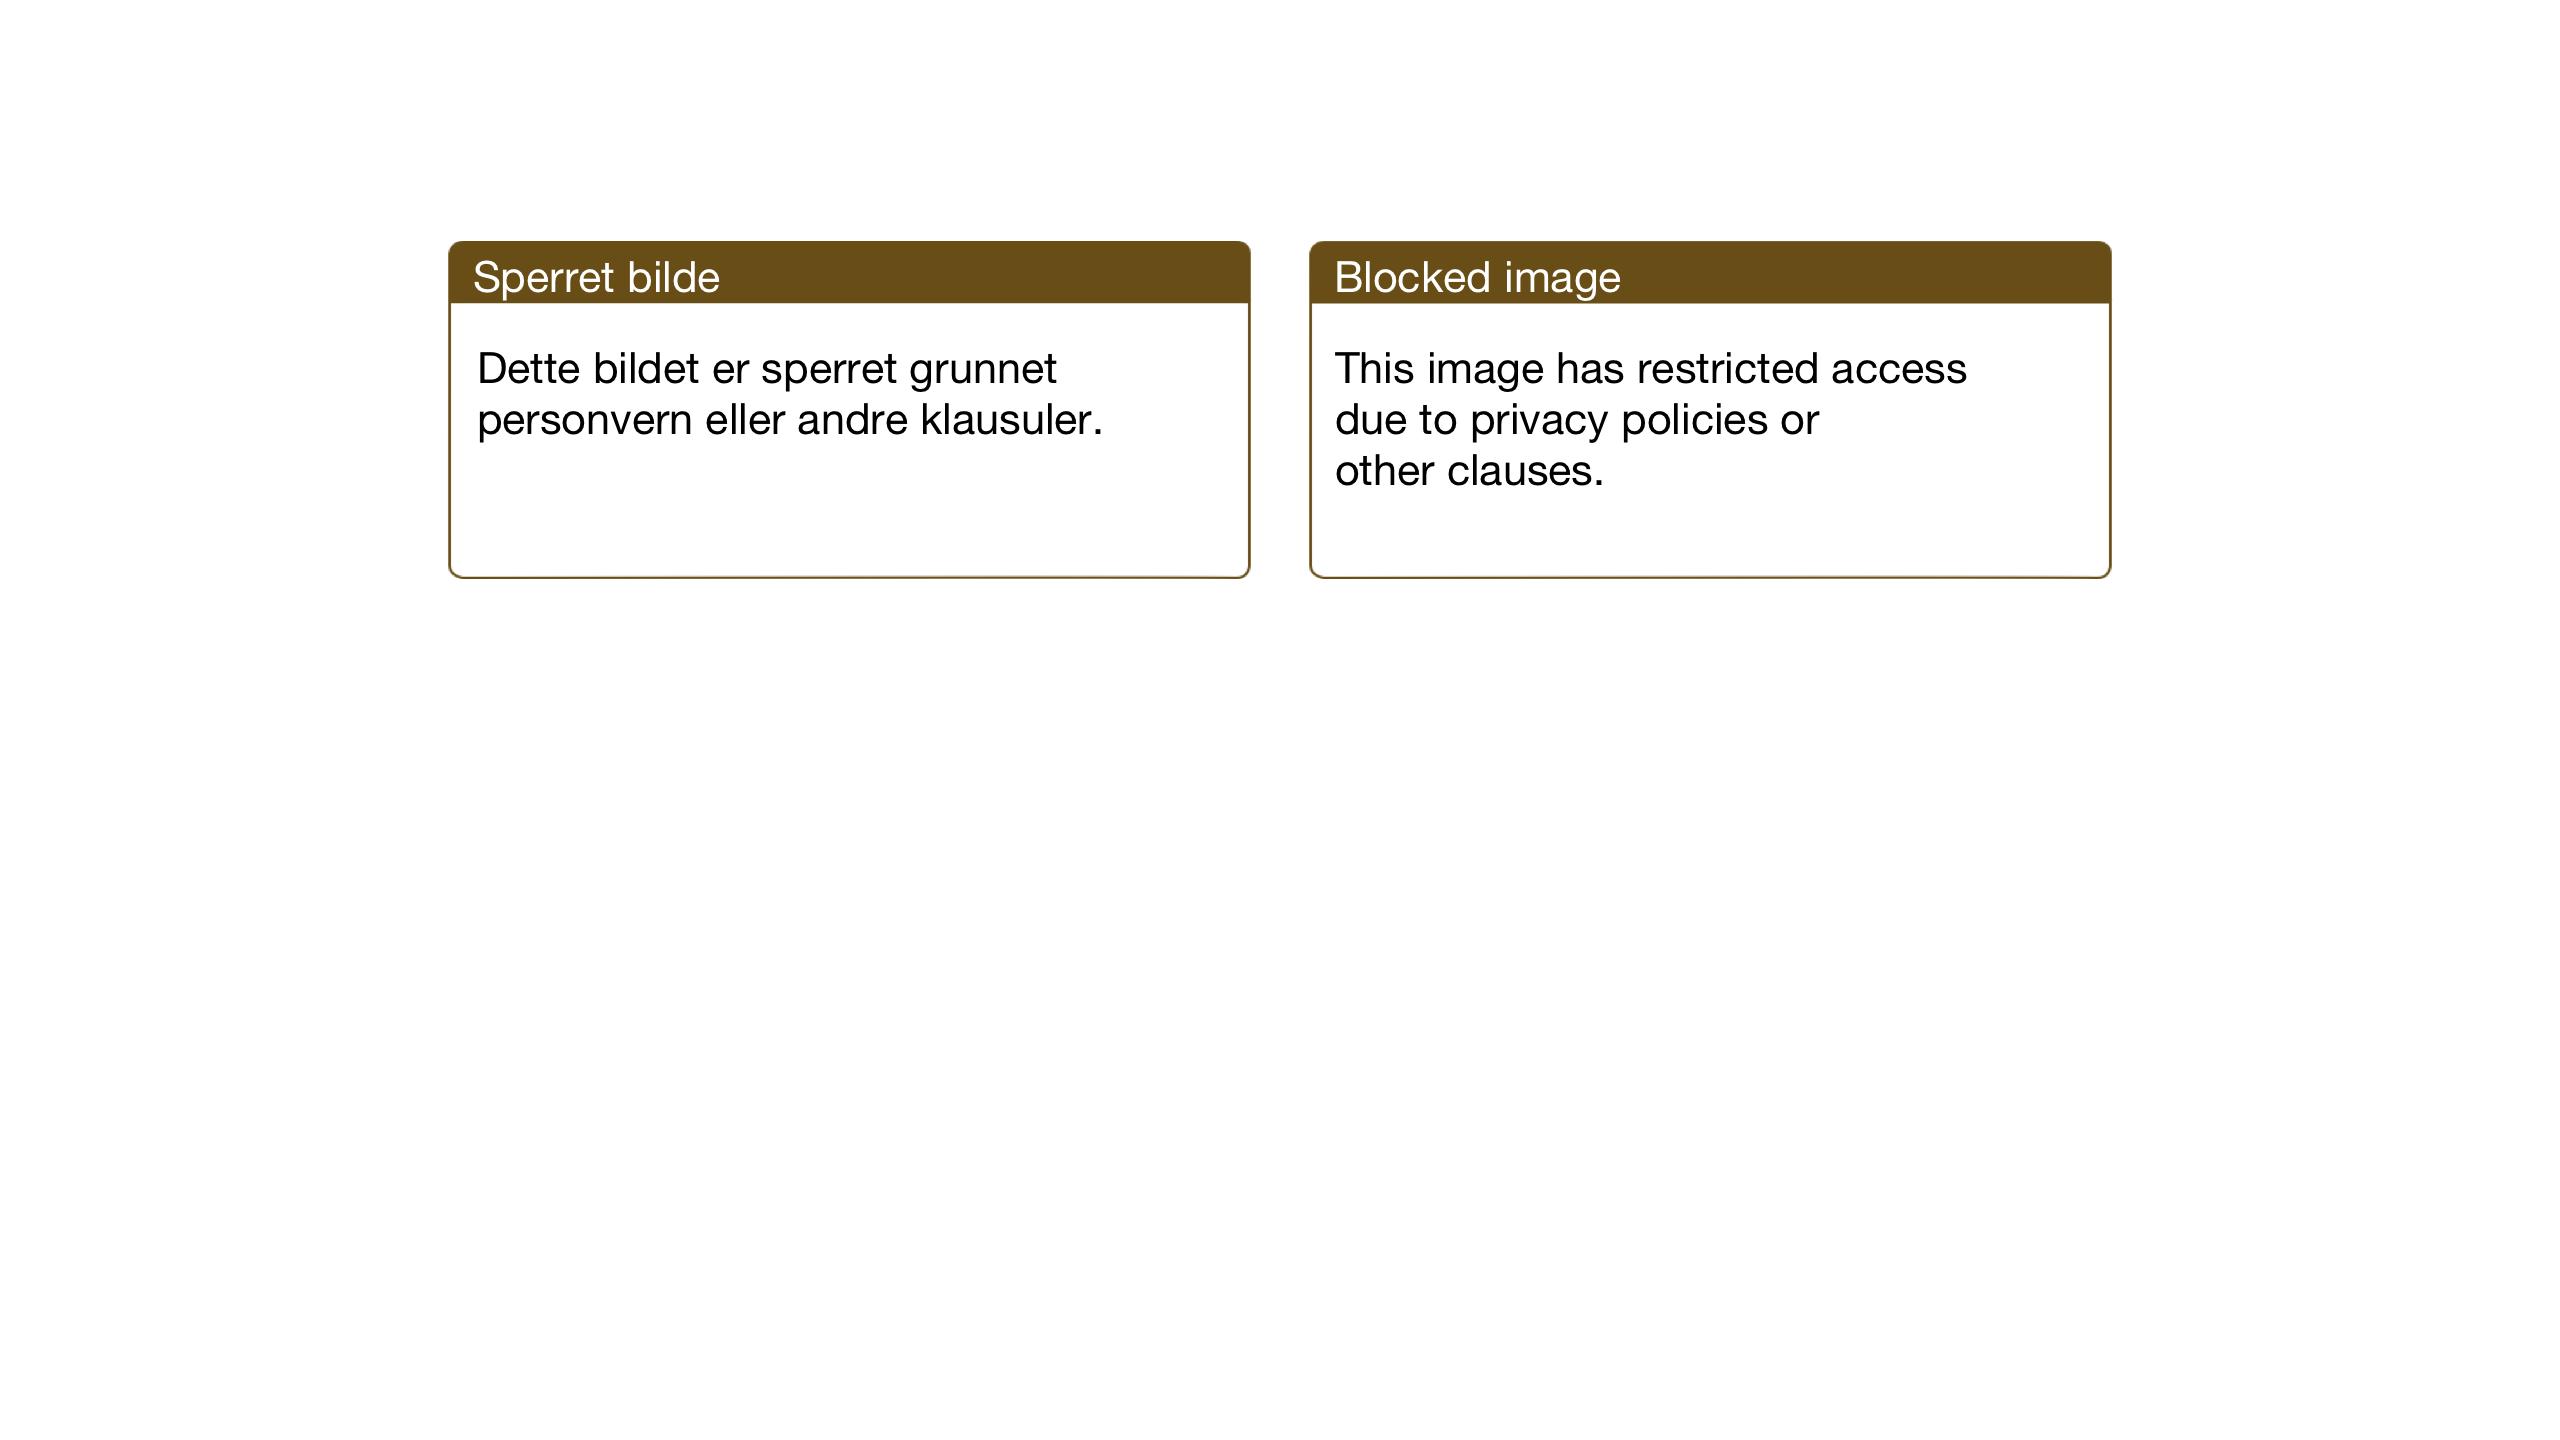 SAT, Ministerialprotokoller, klokkerbøker og fødselsregistre - Sør-Trøndelag, 608/L0343: Klokkerbok nr. 608C09, 1938-1952, s. 29